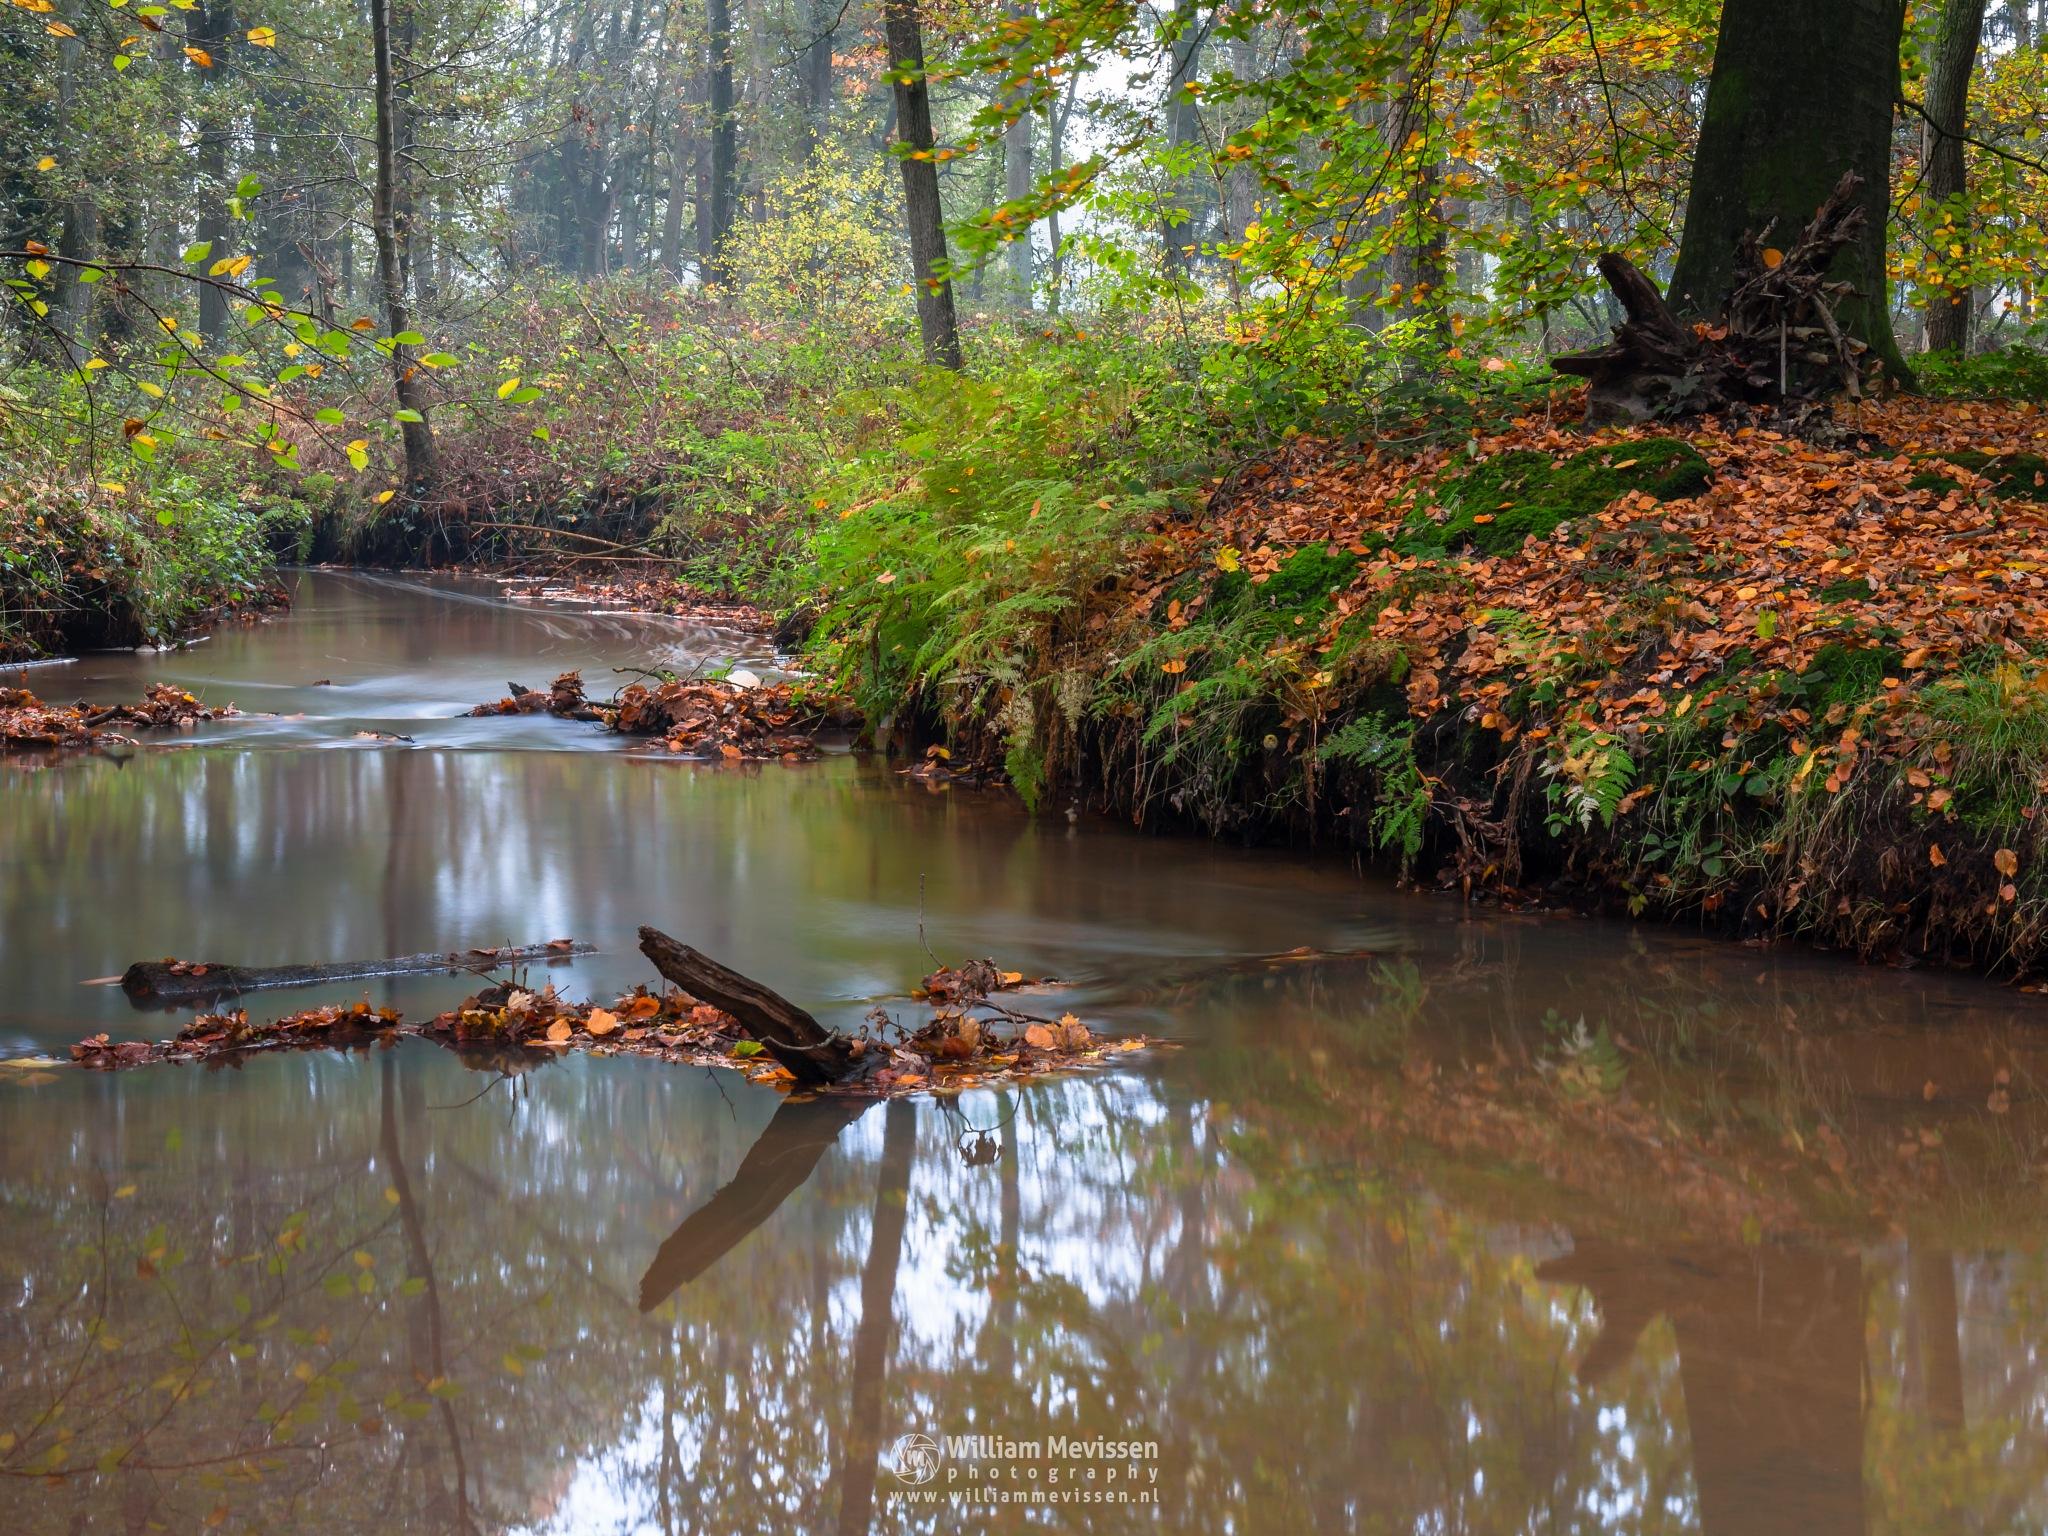 Meandering Autumn Brook by William Mevissen